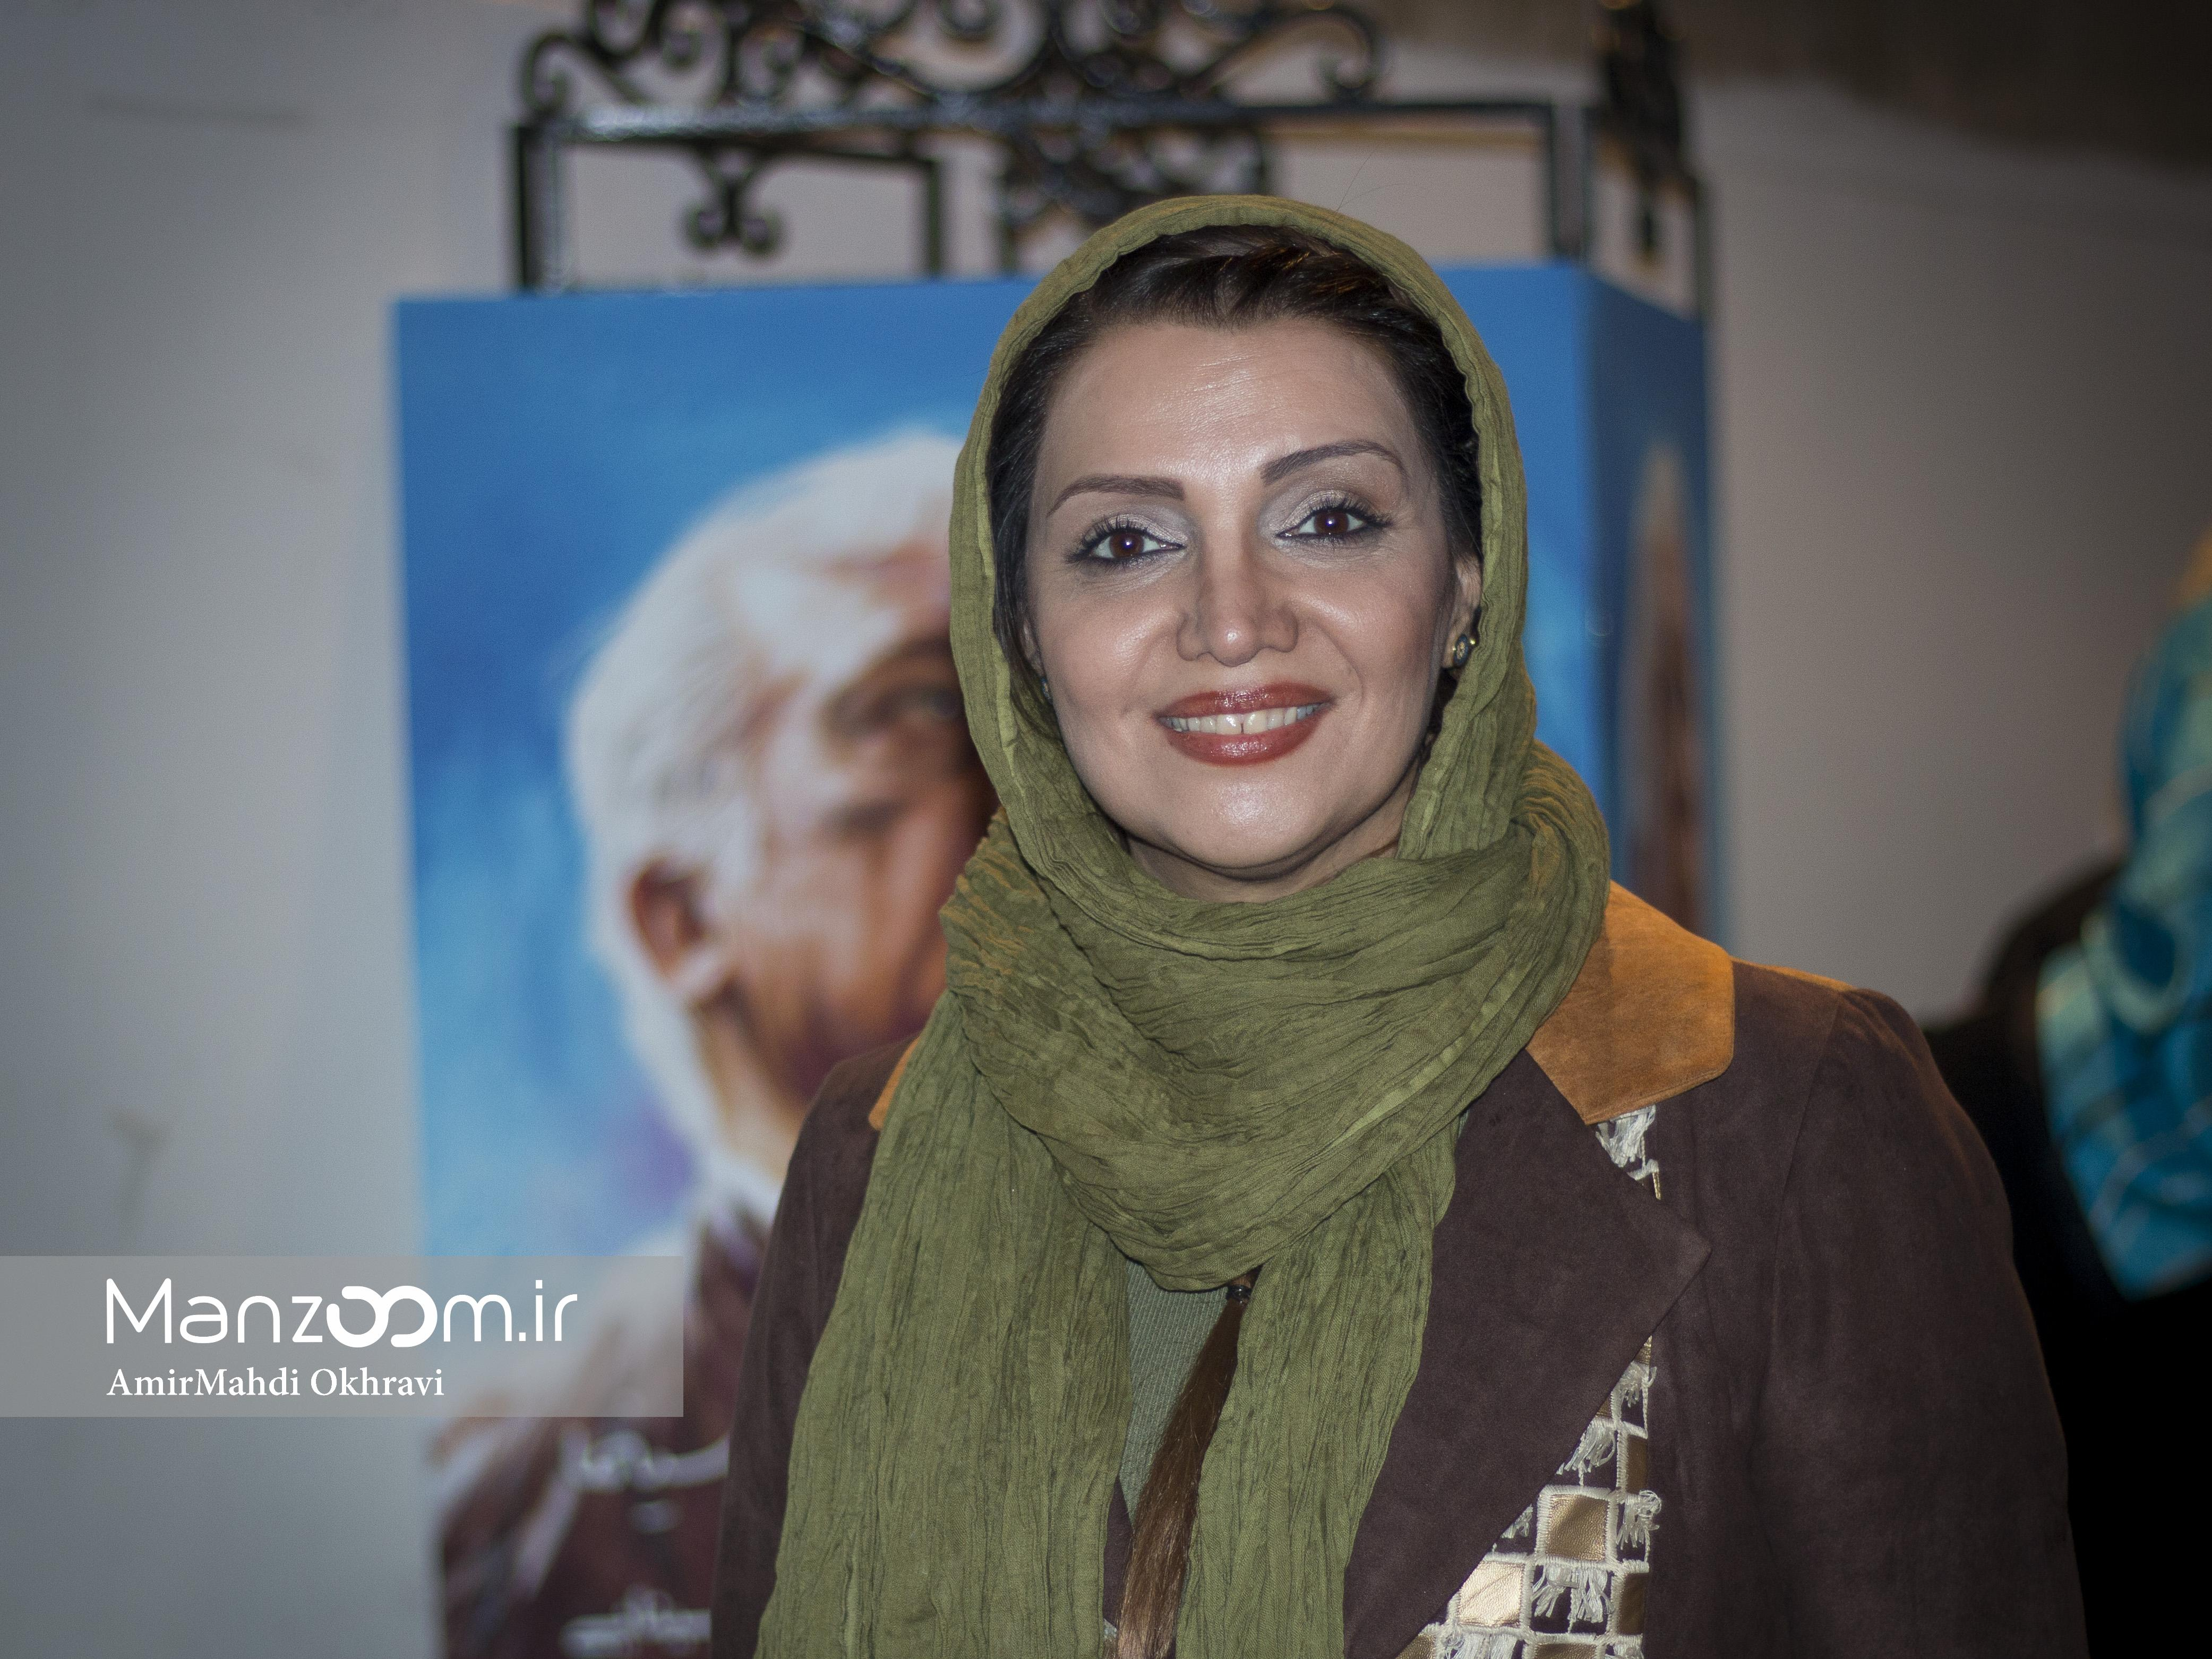 خسرو سینایی، کارگردان و نویسنده سینما و تلویزیون - عکس مراسم خبری به همراه الهام پاوهنژاد